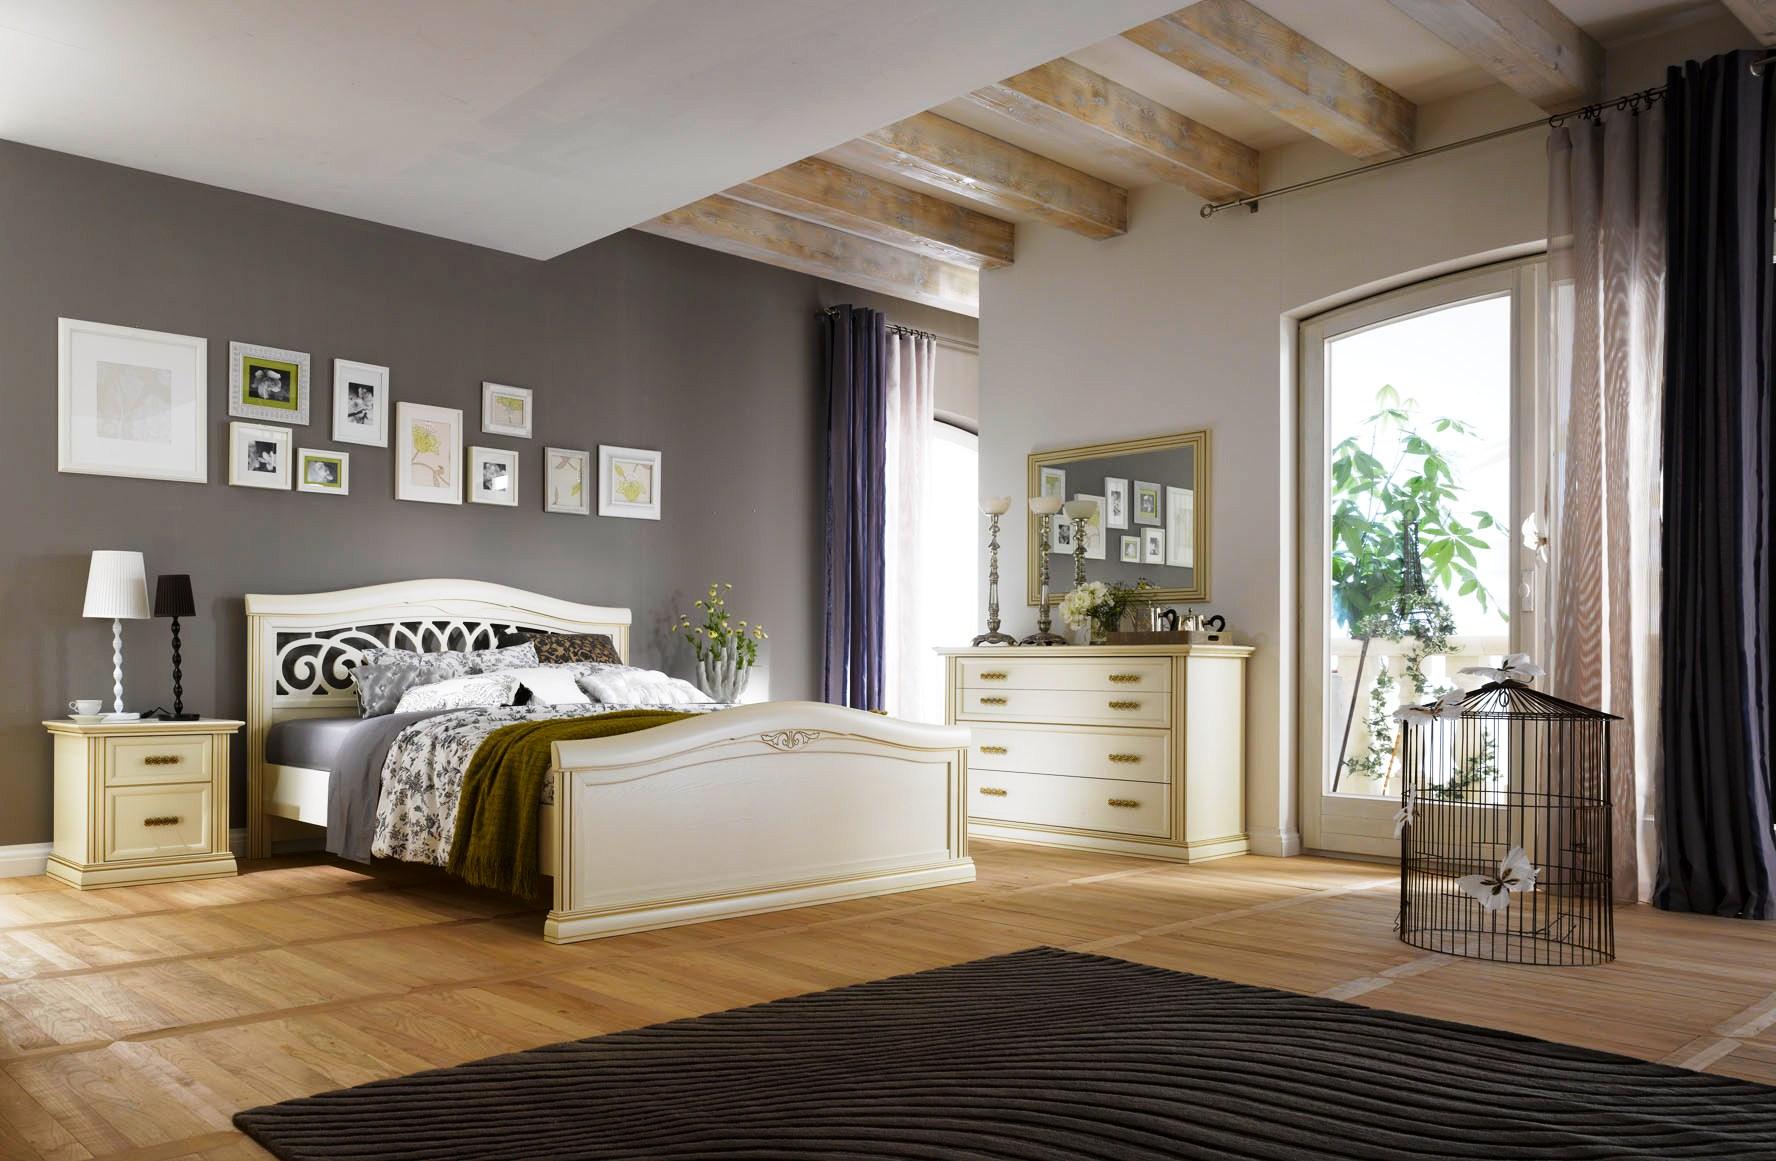 Бежевая кровать, тумба и комод в спальне